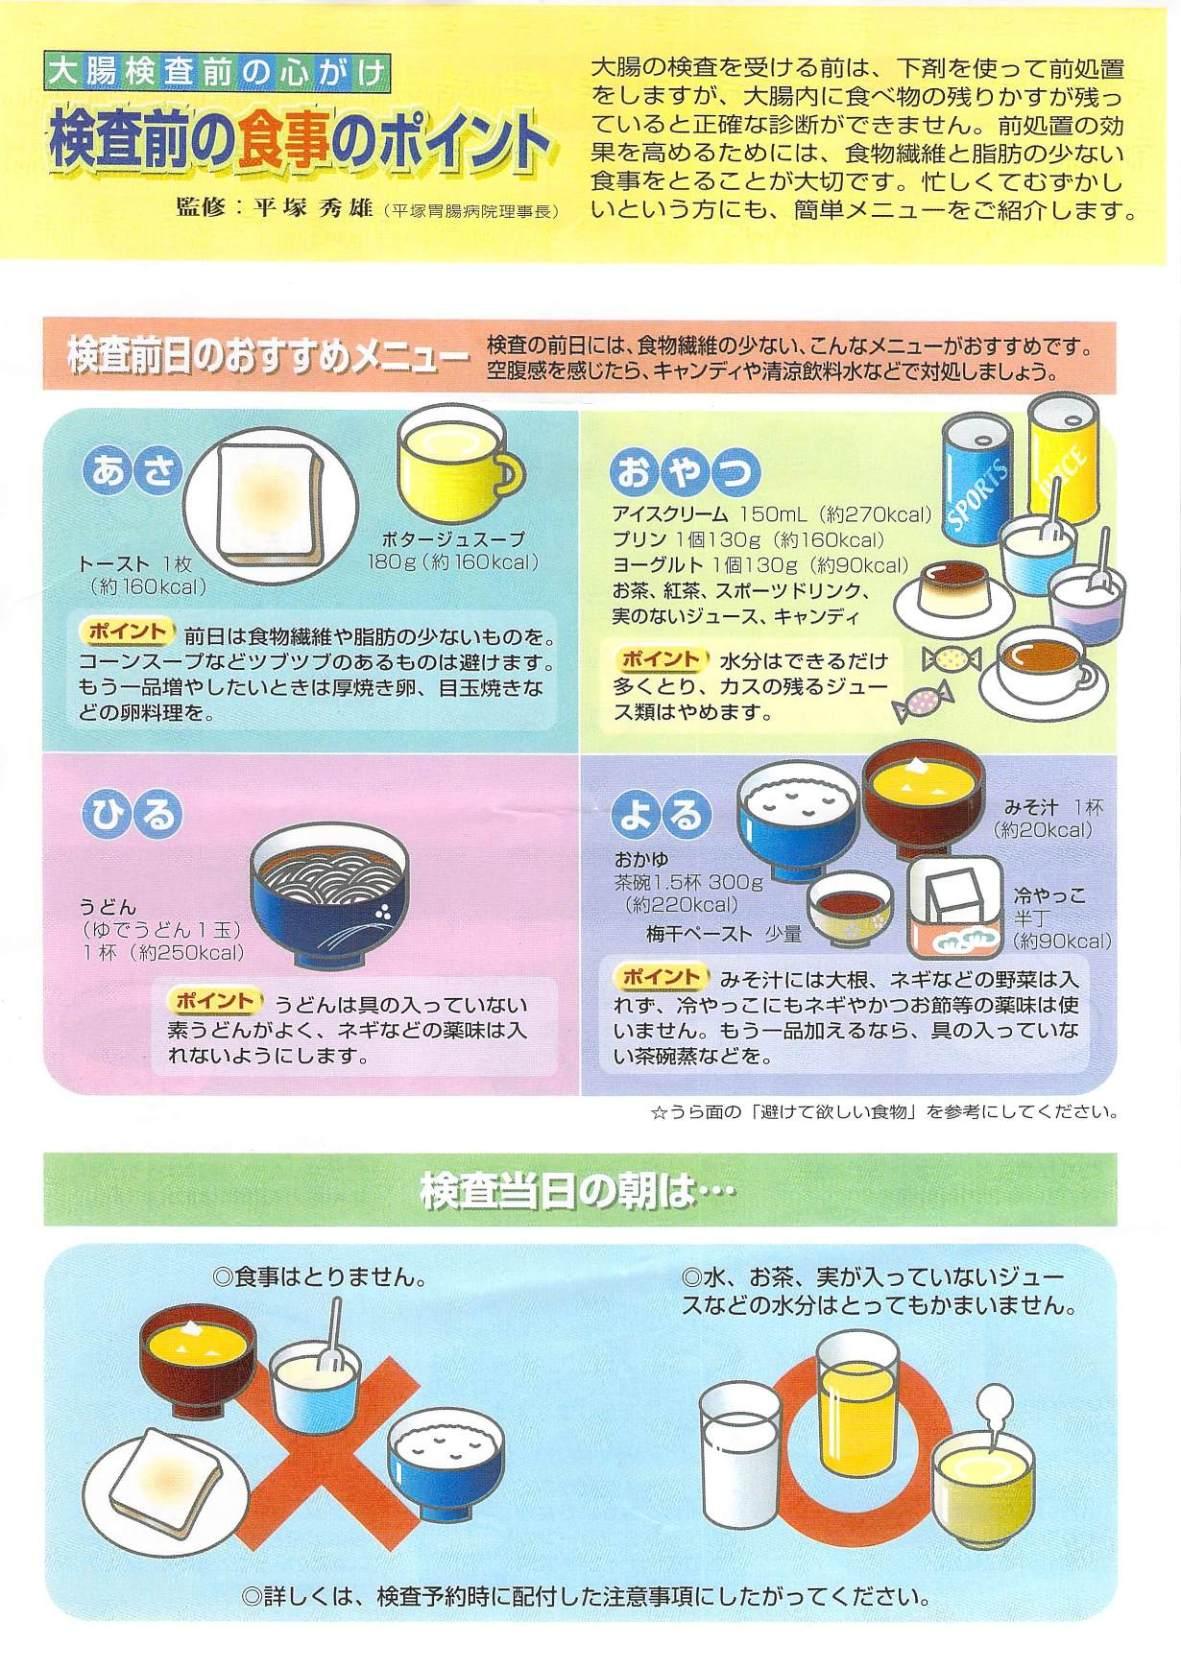 食事 後 大腸 検査